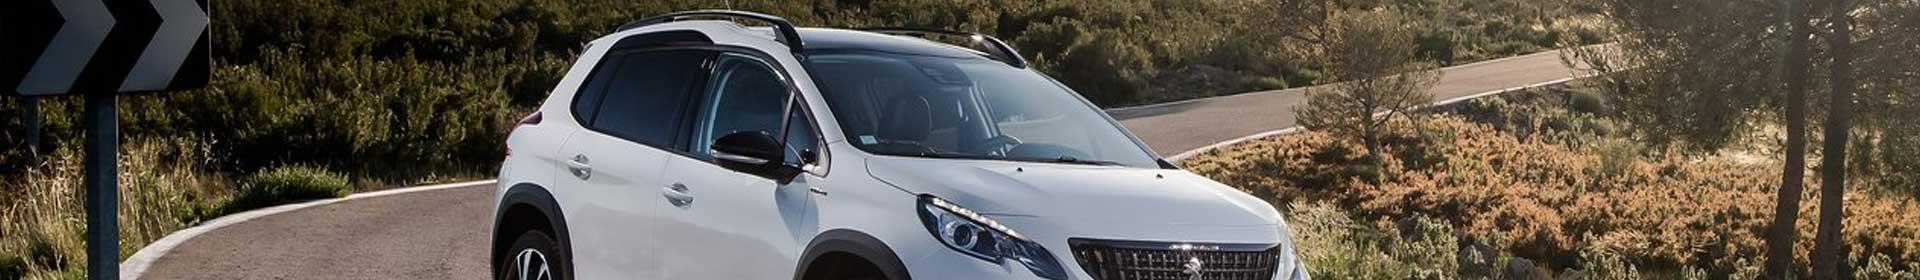 Auto Louwes nieuwe en gebruikte auto's - Airco service